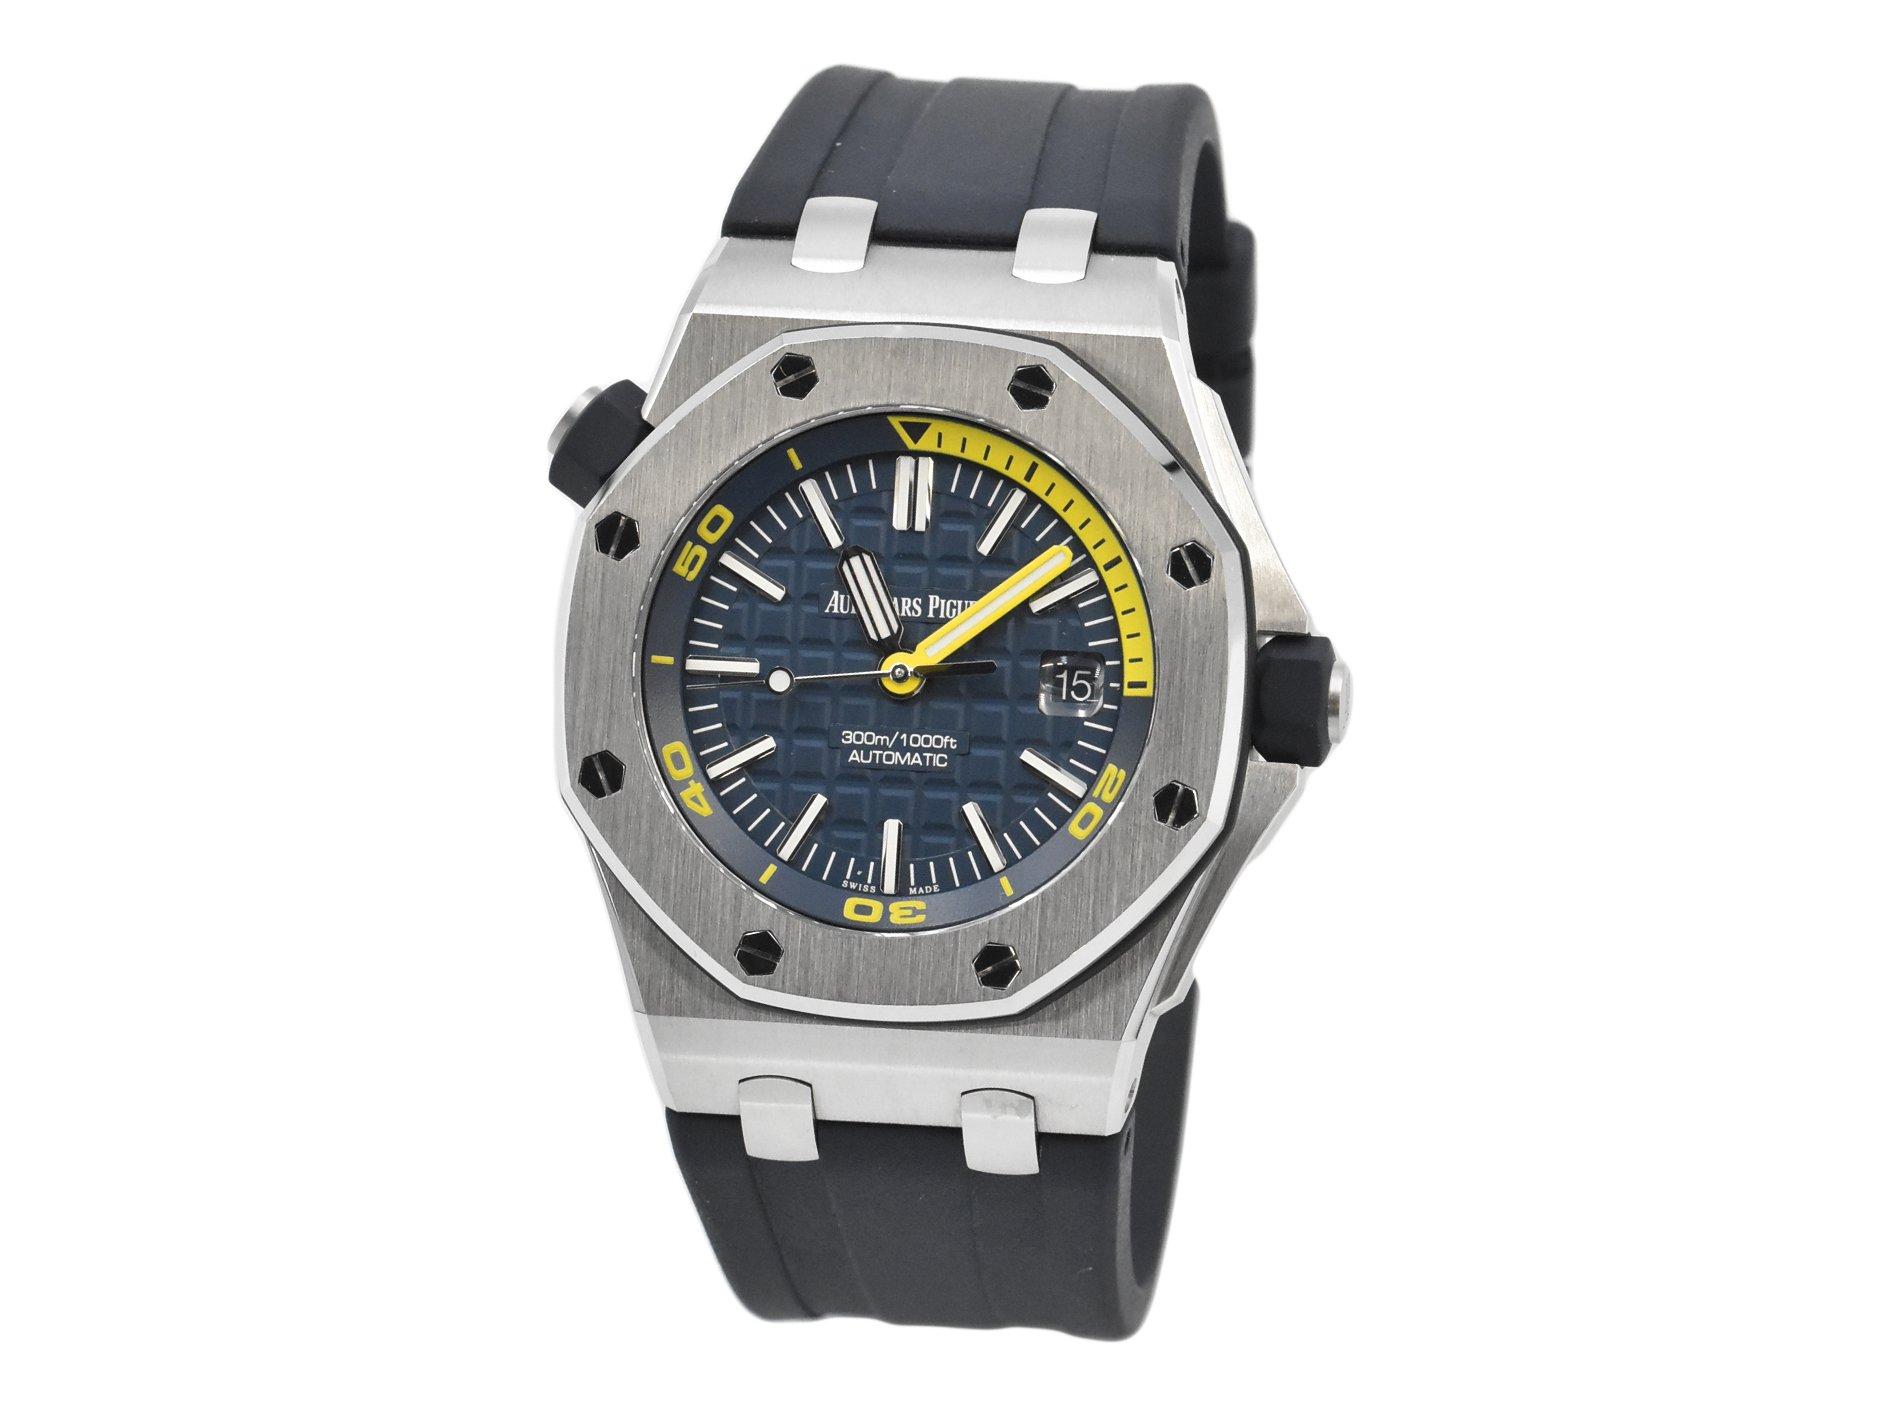 12a22c9254a Audemars Piguet Royal oak offshore Diver boutique edition 15710ST.OO ...